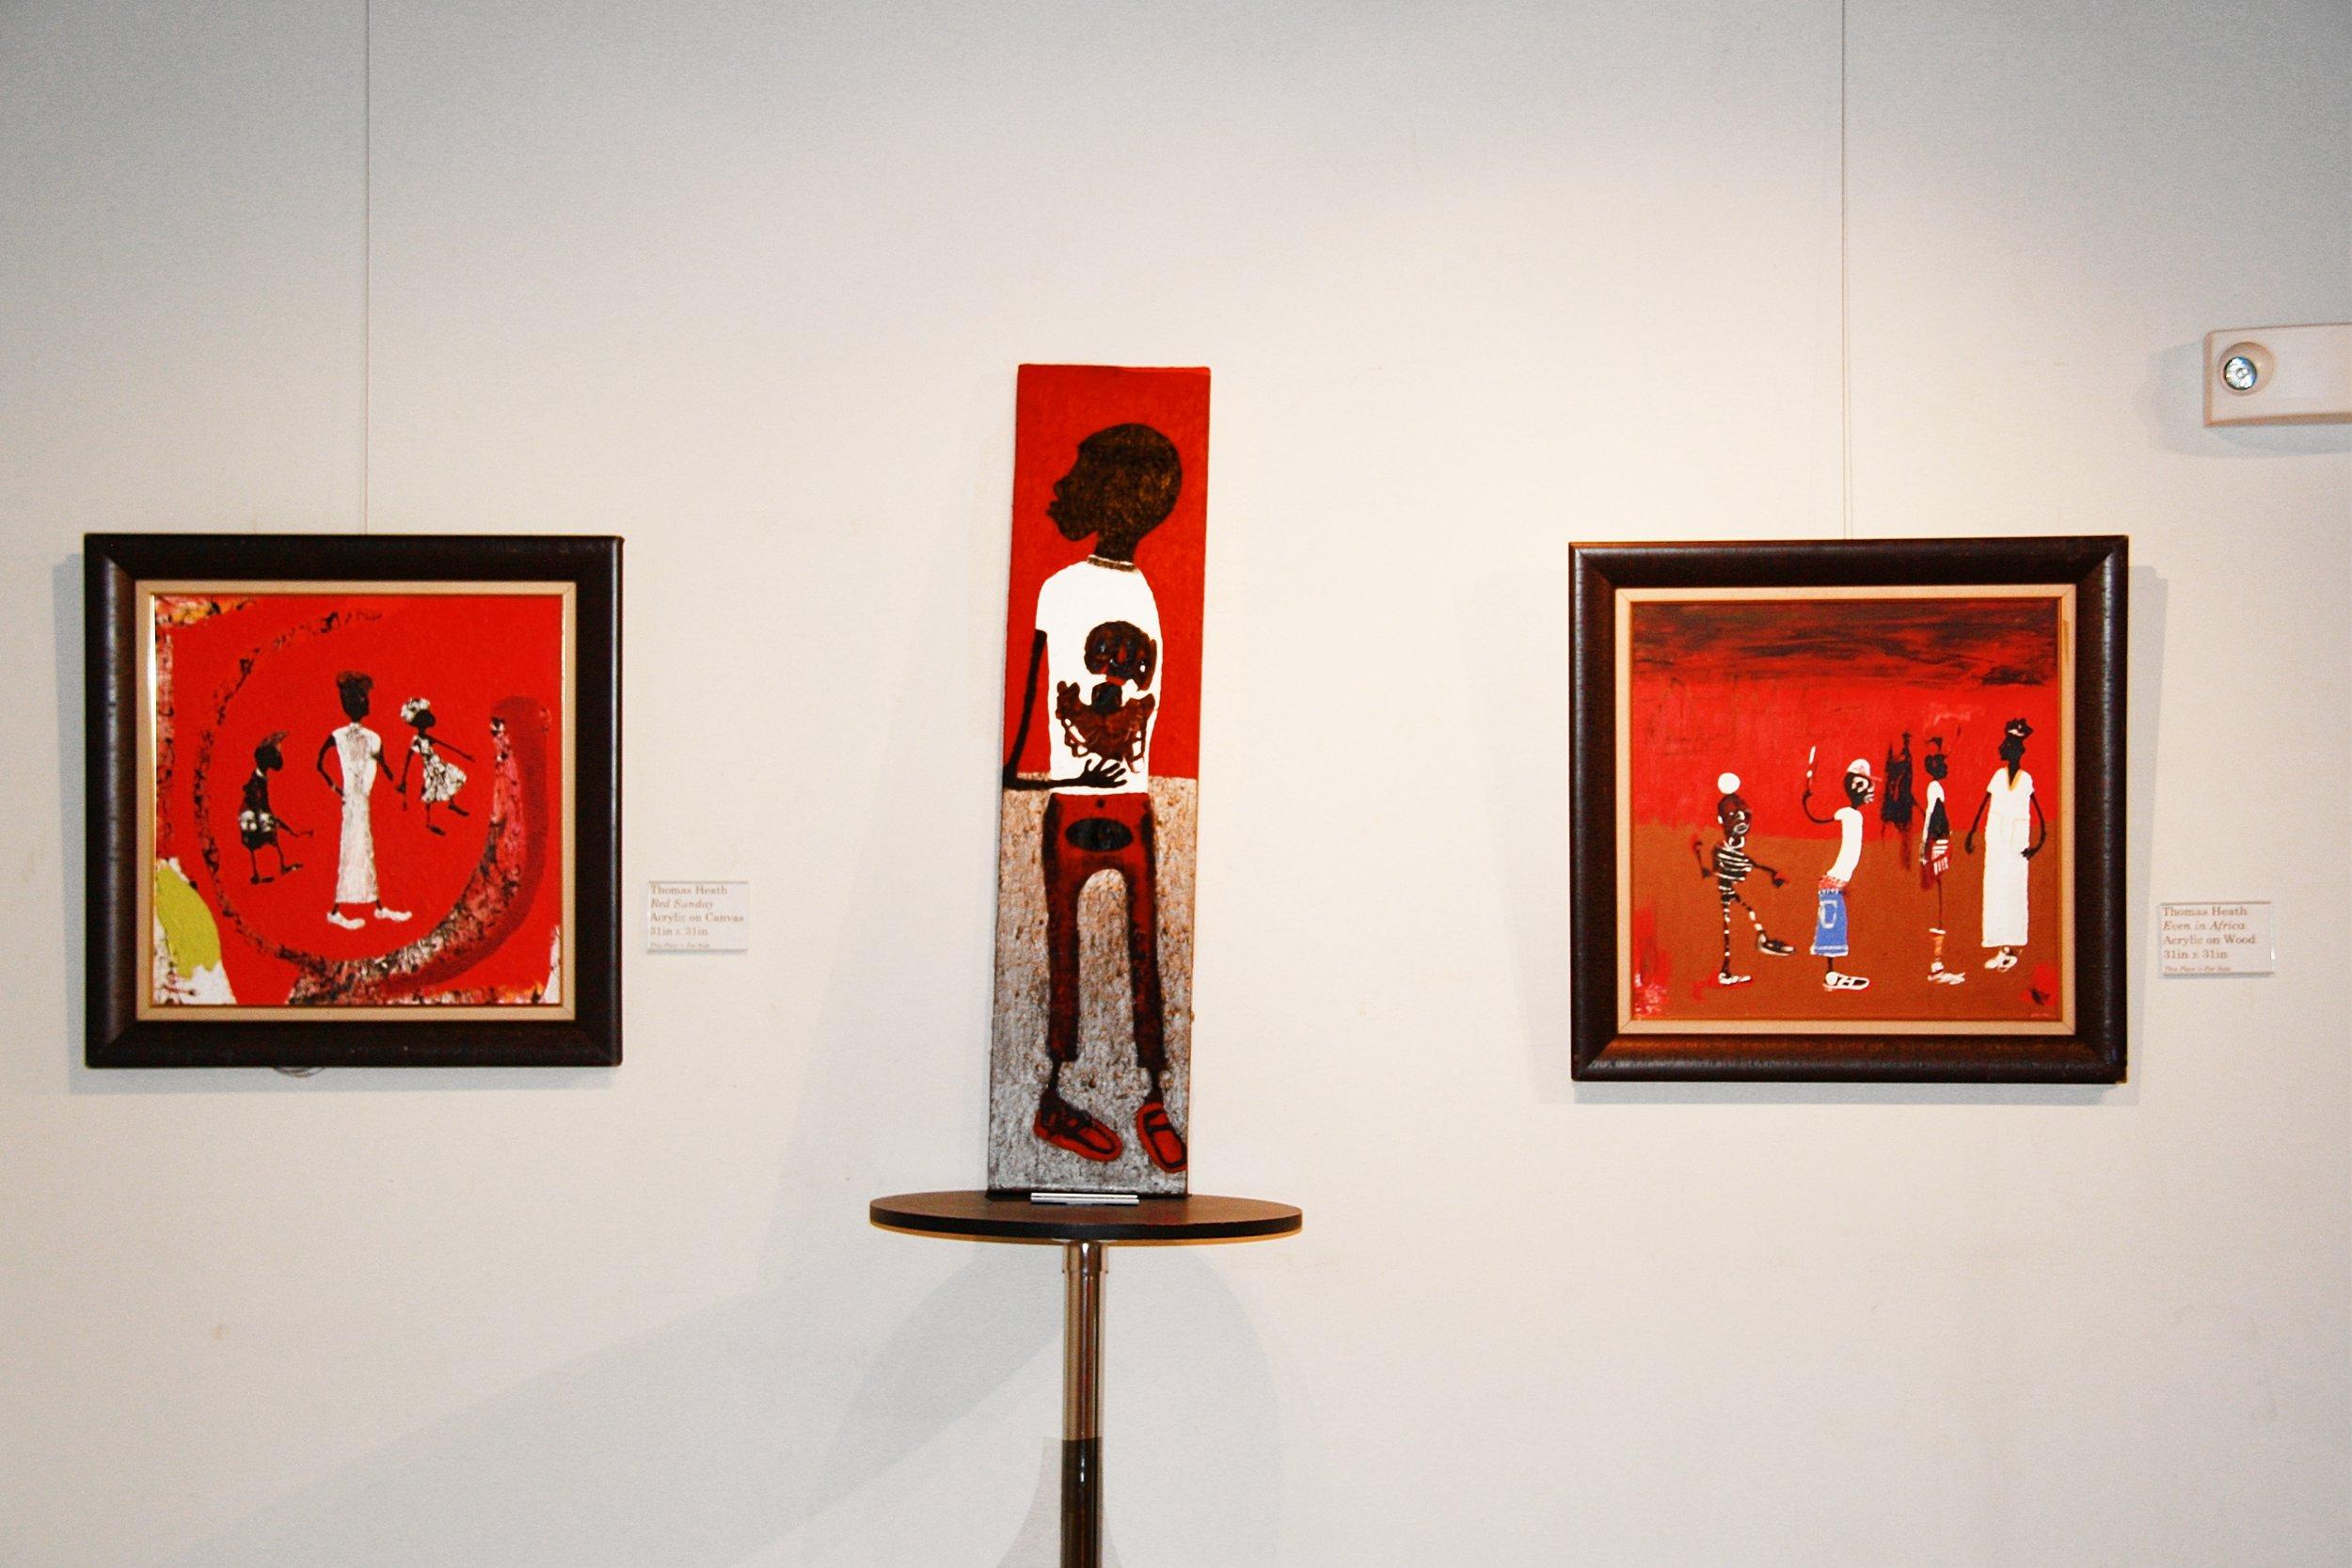 Heath Exhibit art in situ 9.jpg